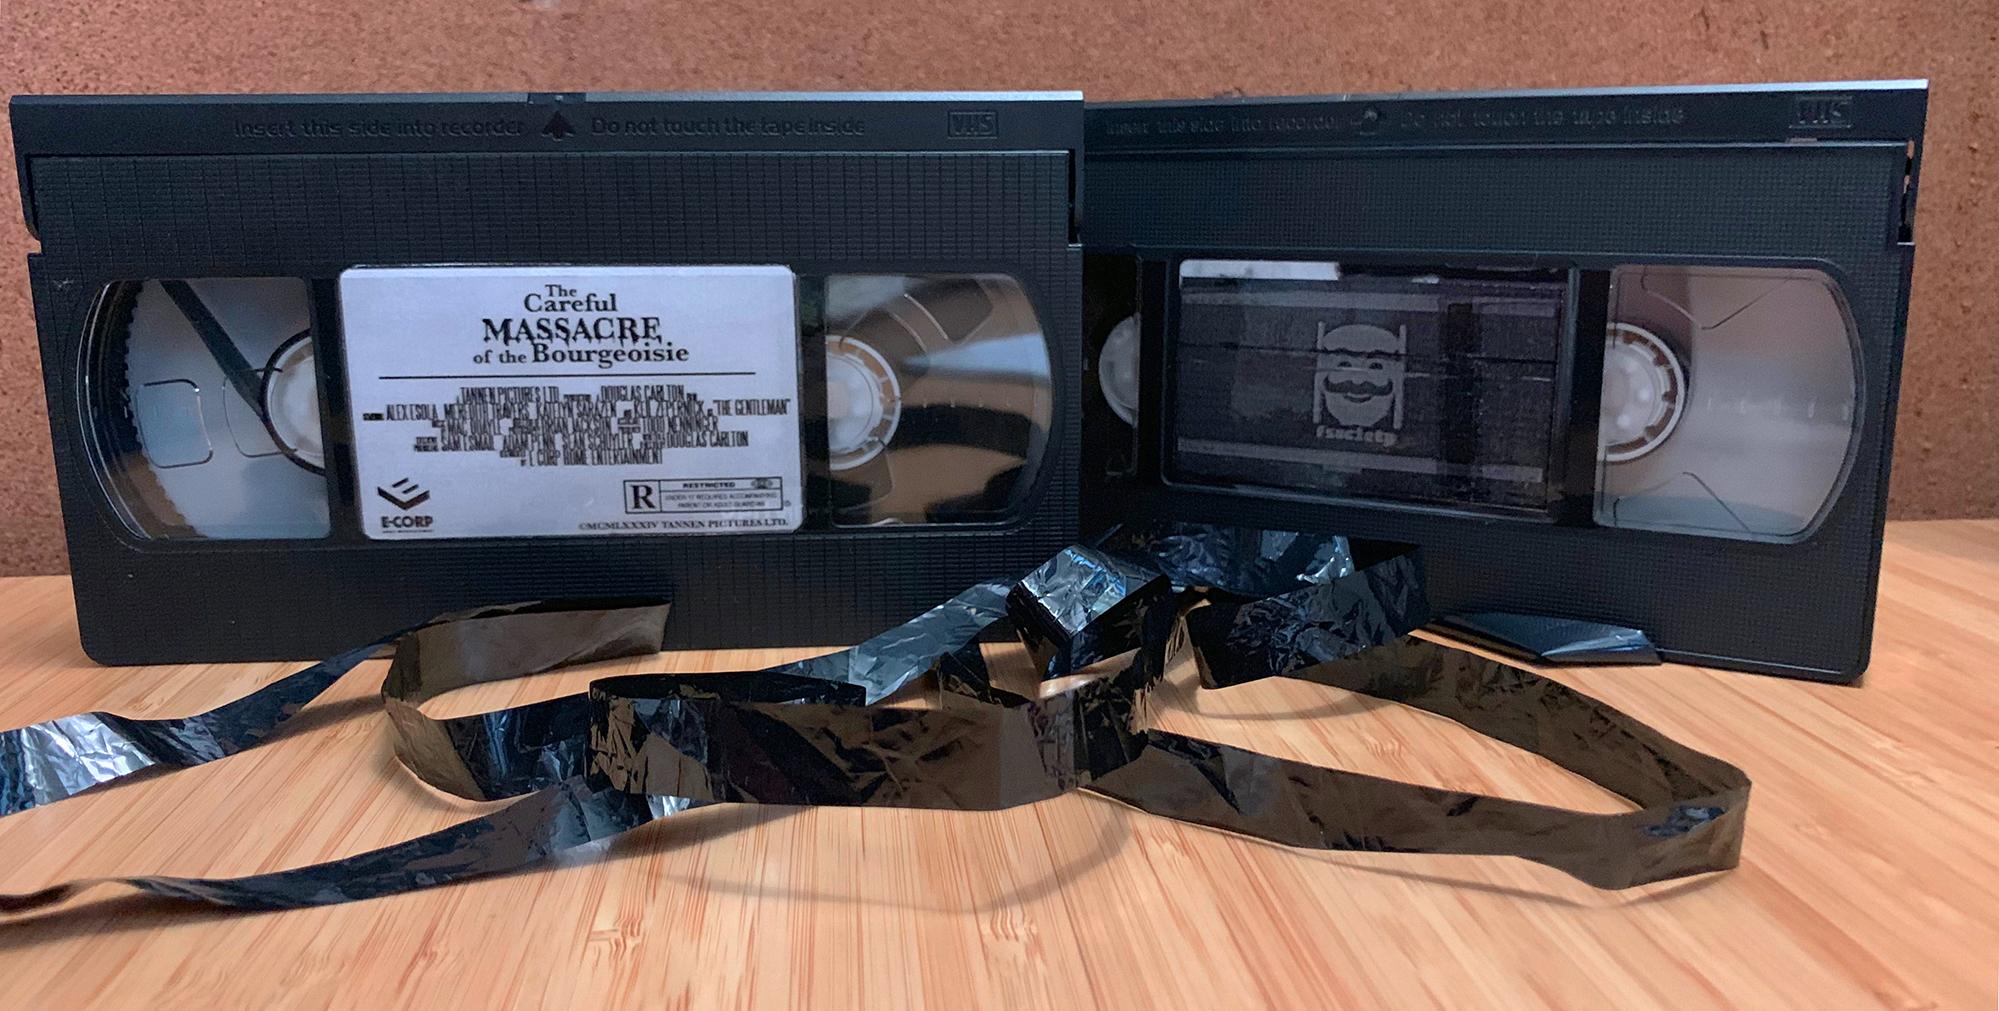 The 2 VHS tapes I destroyed for MR. Robot.